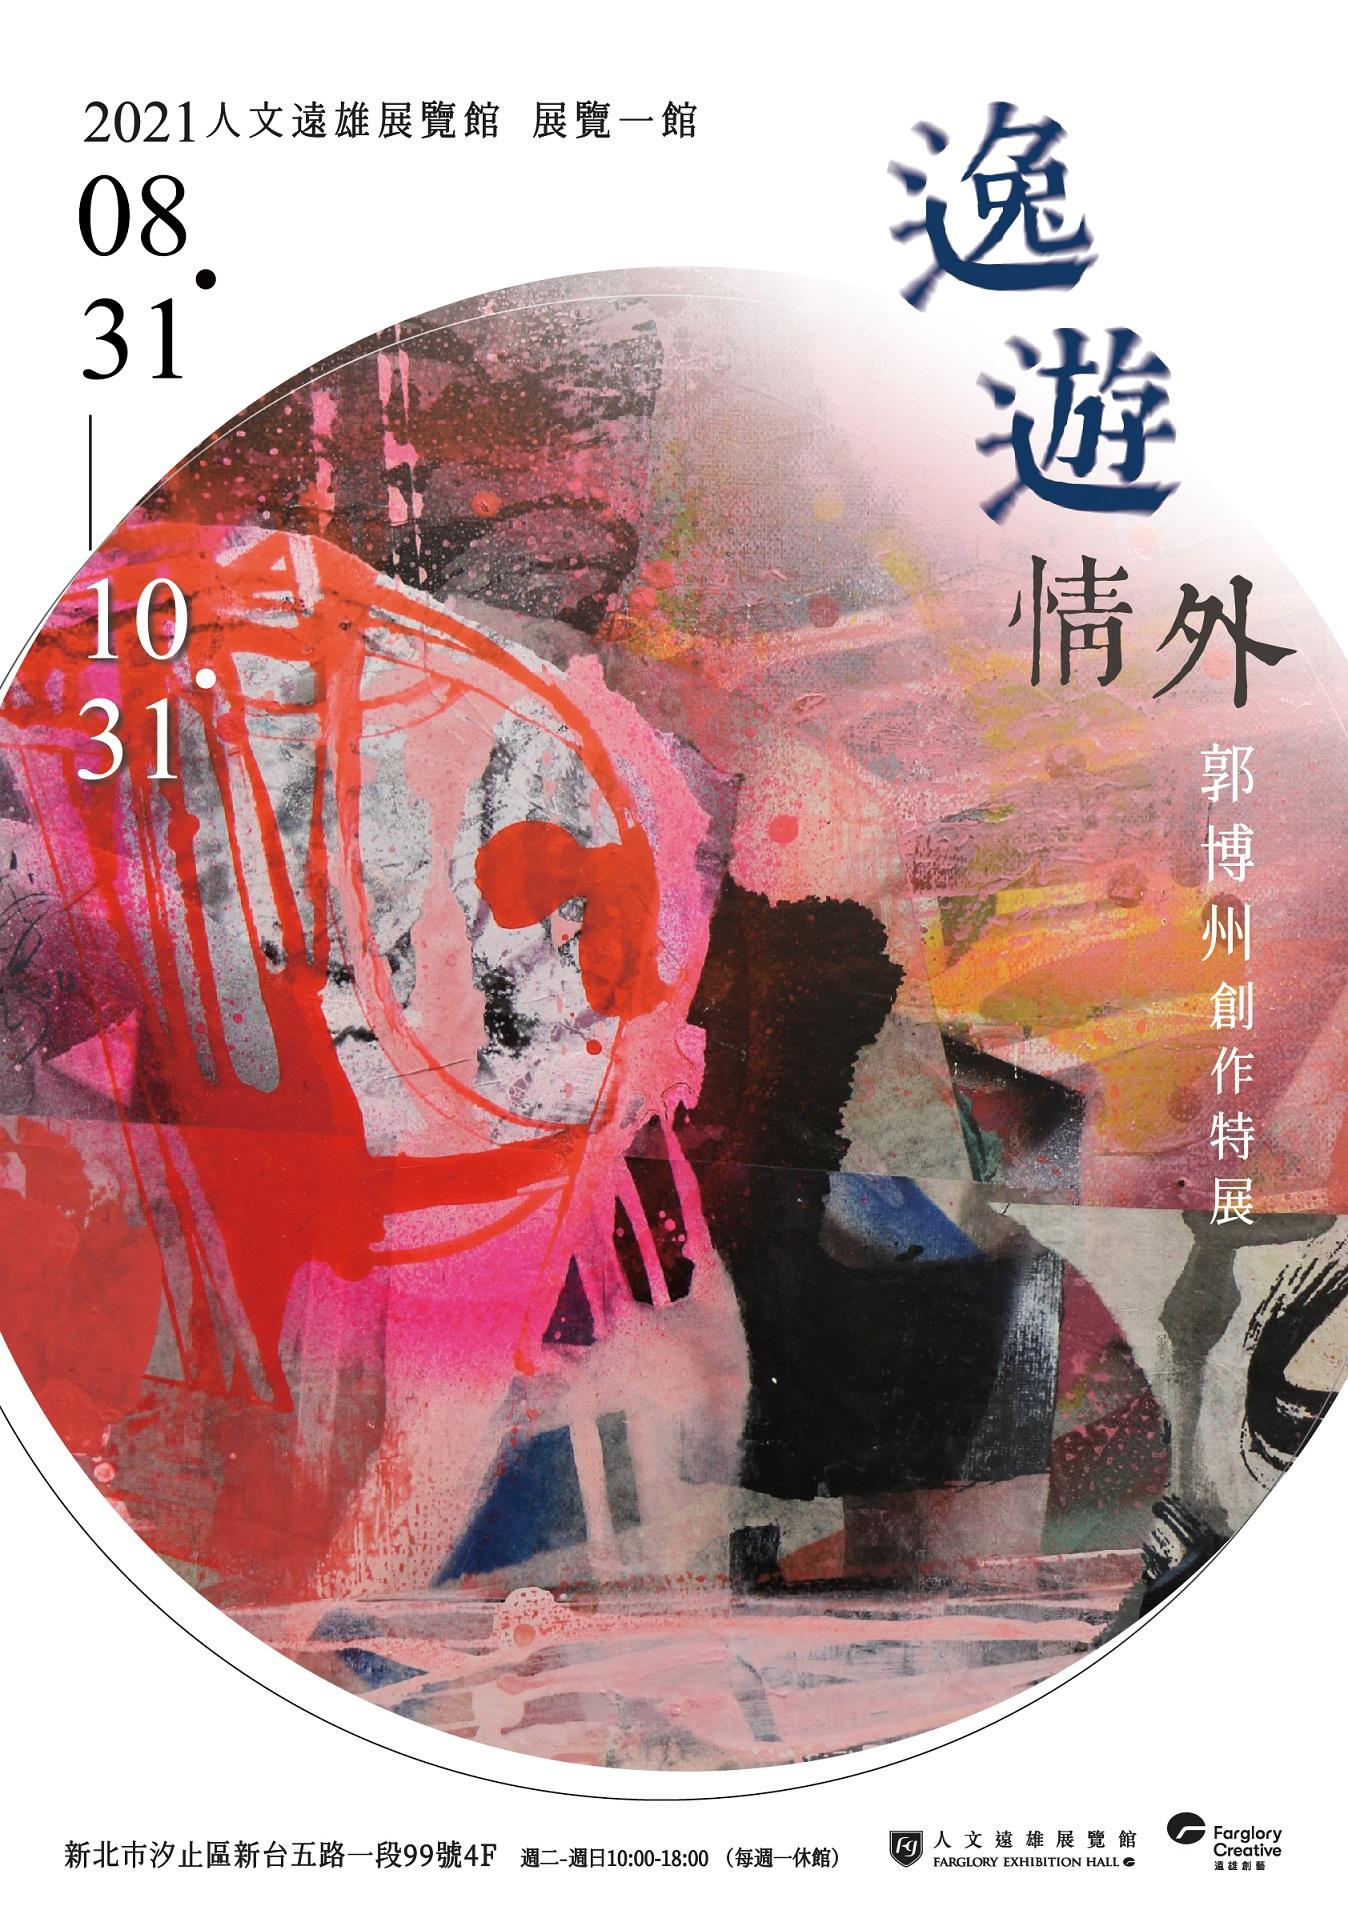 人文遠雄展覽館:8/31-10/31【逸遊情外-郭博州創作特展】